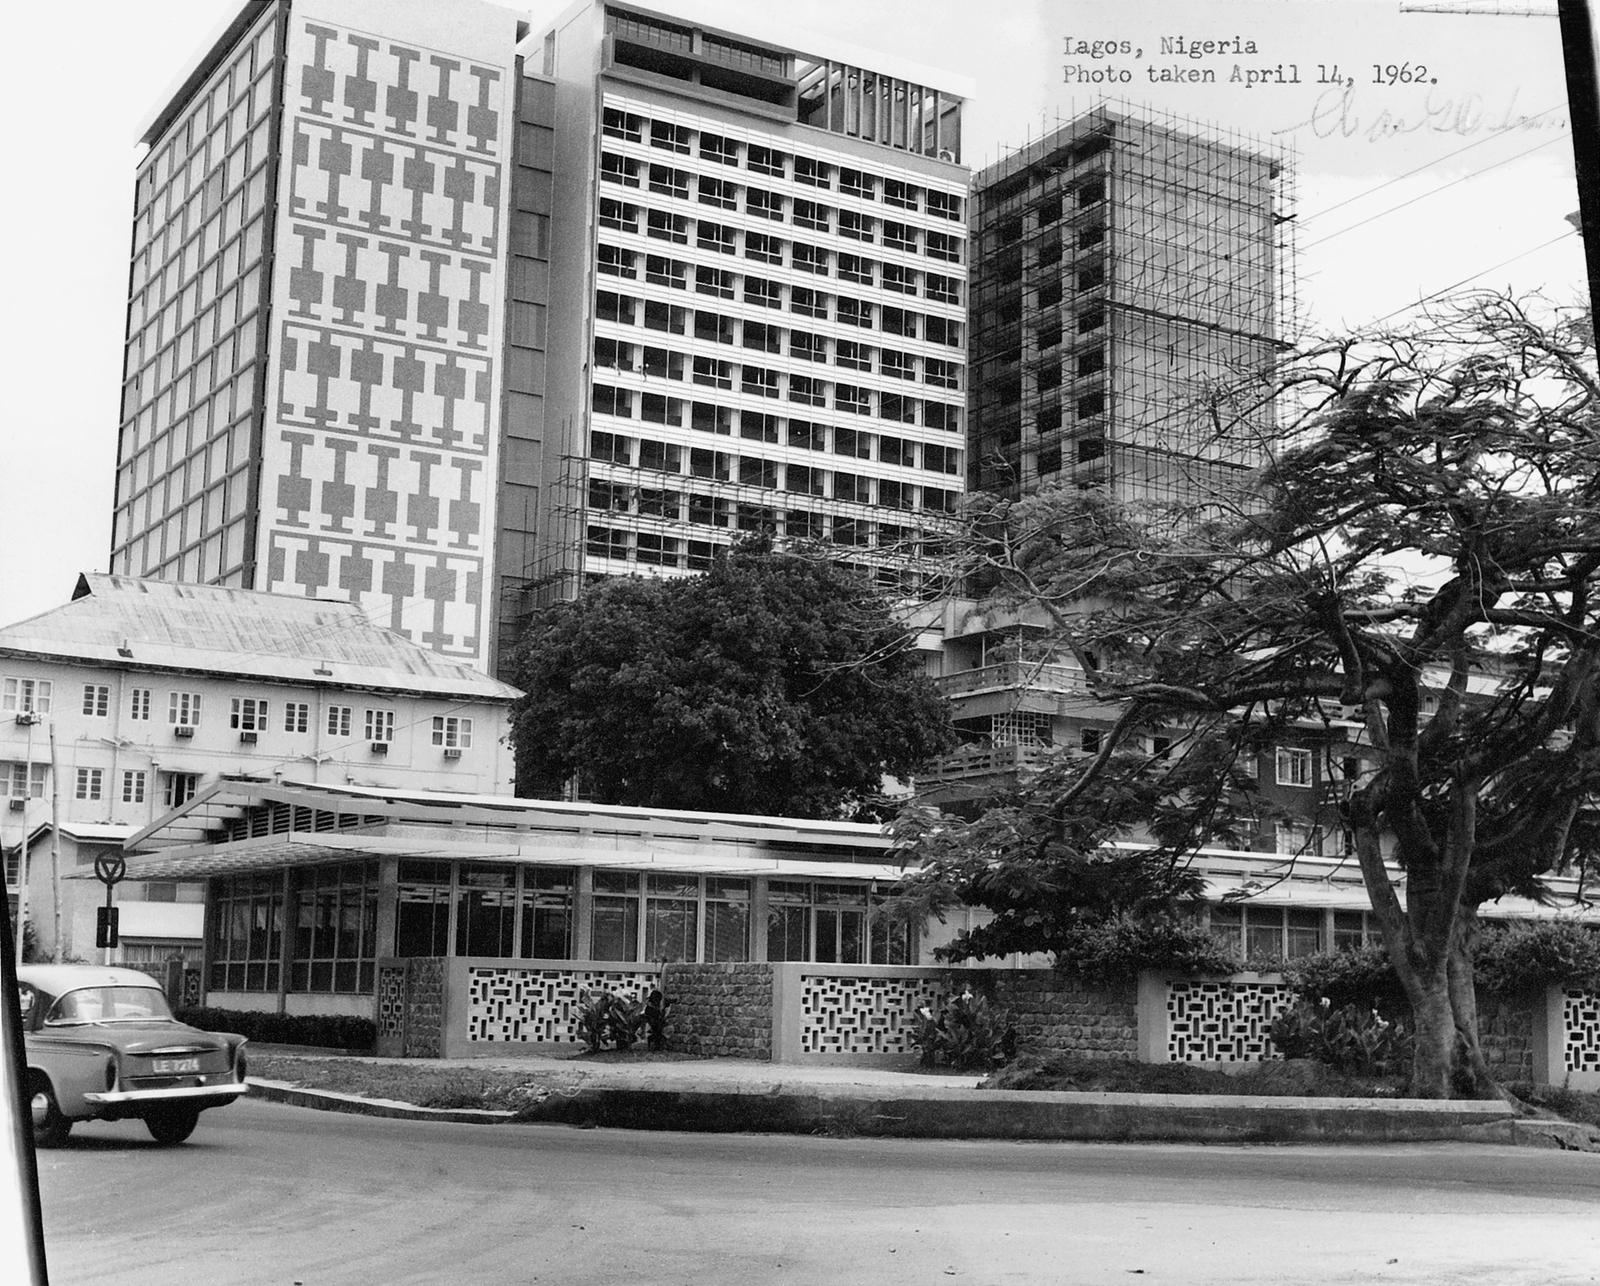 Lagos - Annex Office Building - 1962